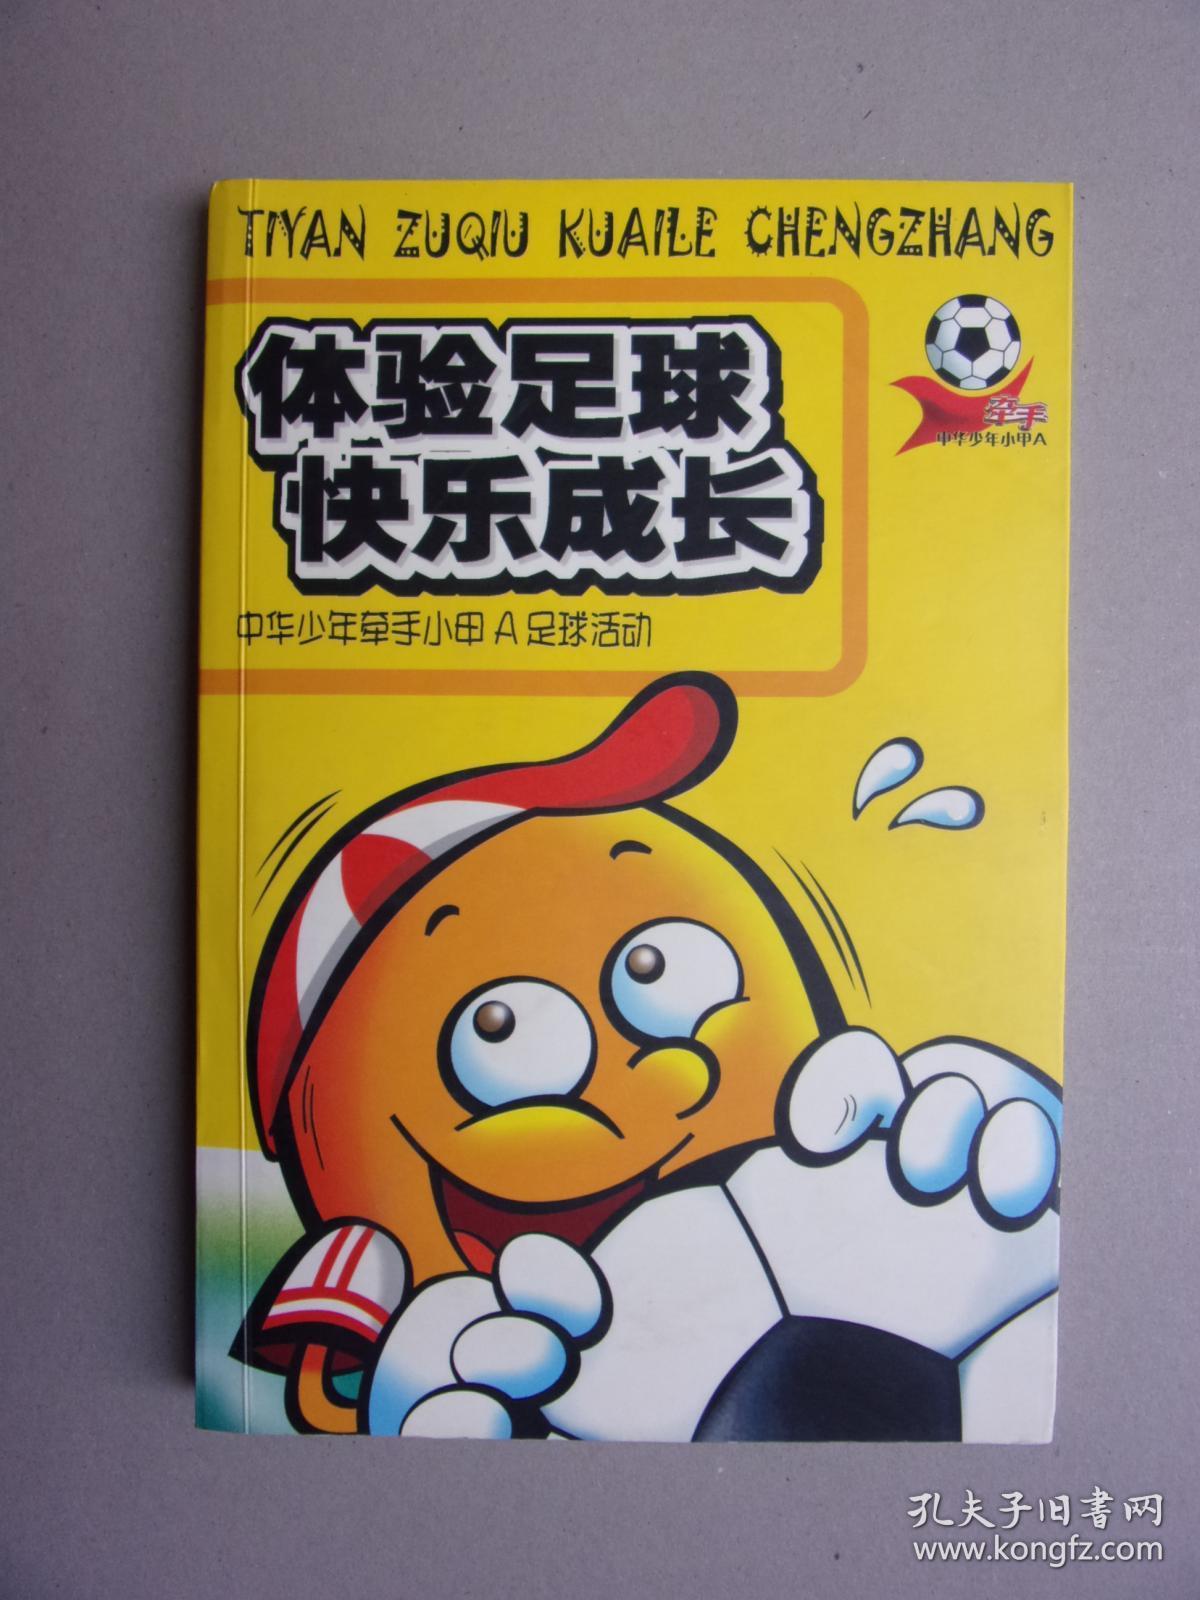 体验足球快乐成长---中华少年牵手小甲A足球活动(附光盘2张)